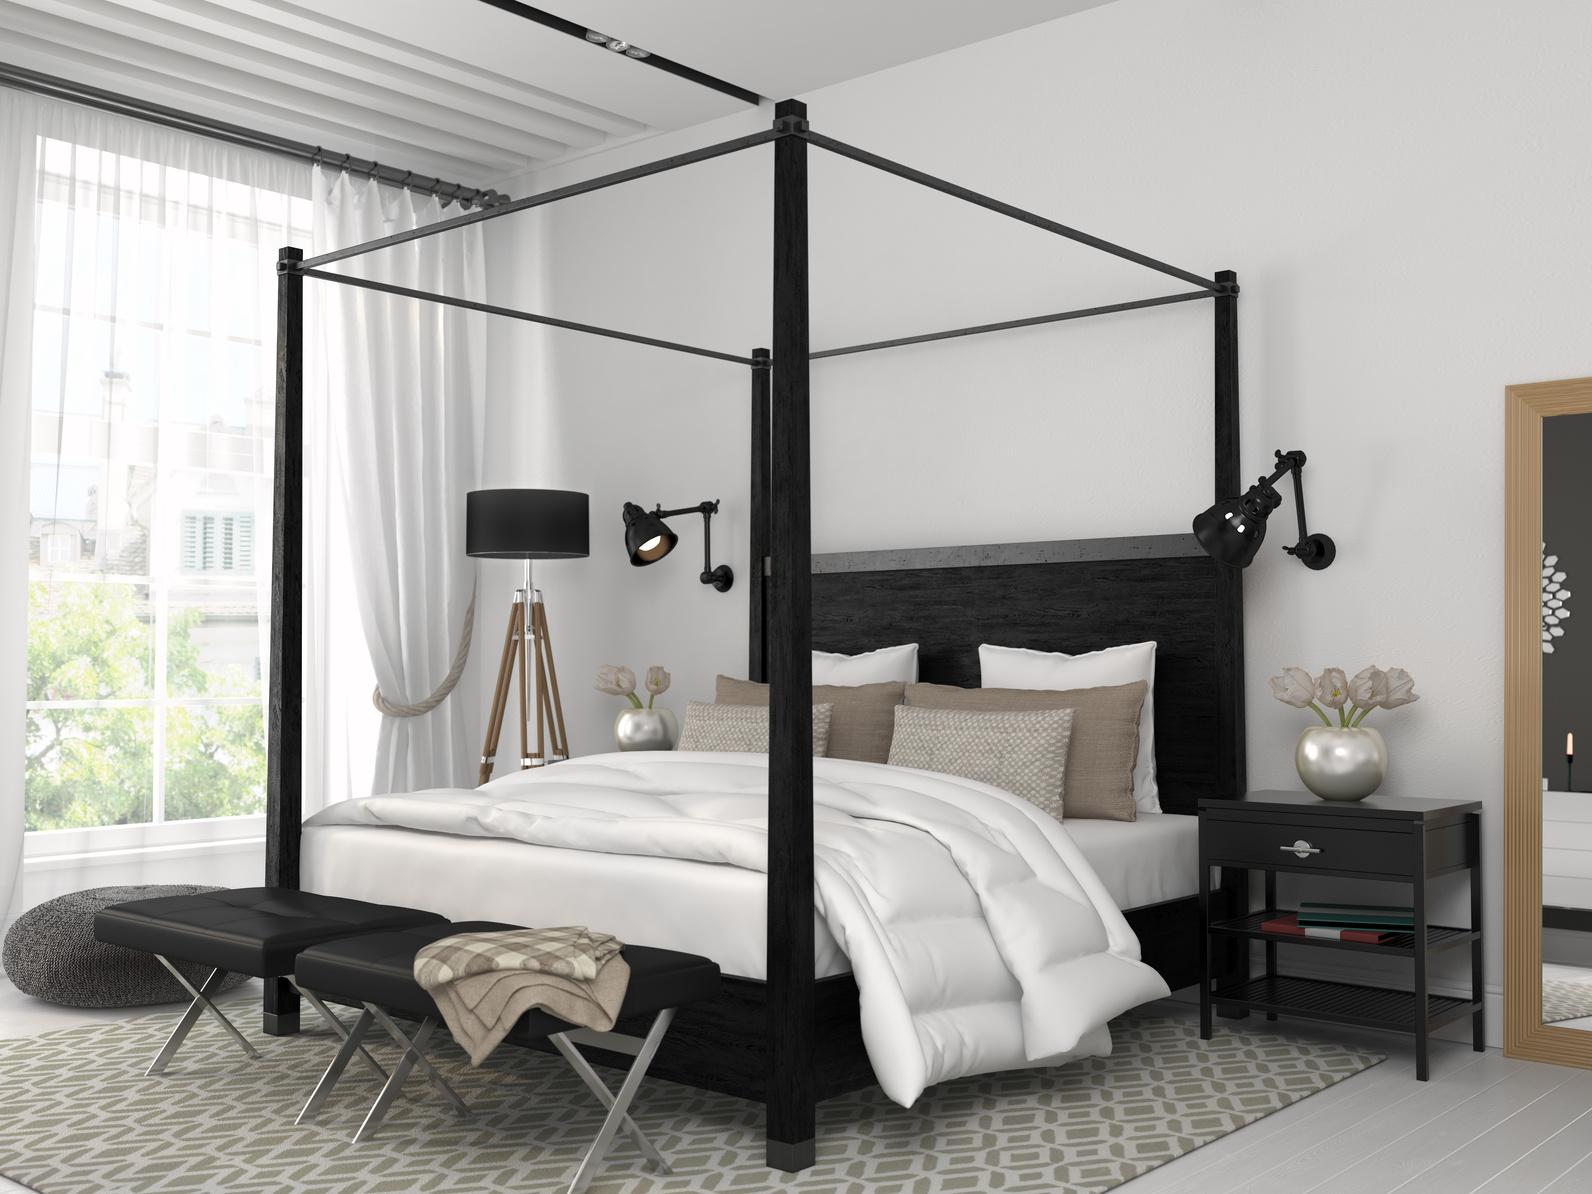 Confección de Edredón, cortinas y almohadones